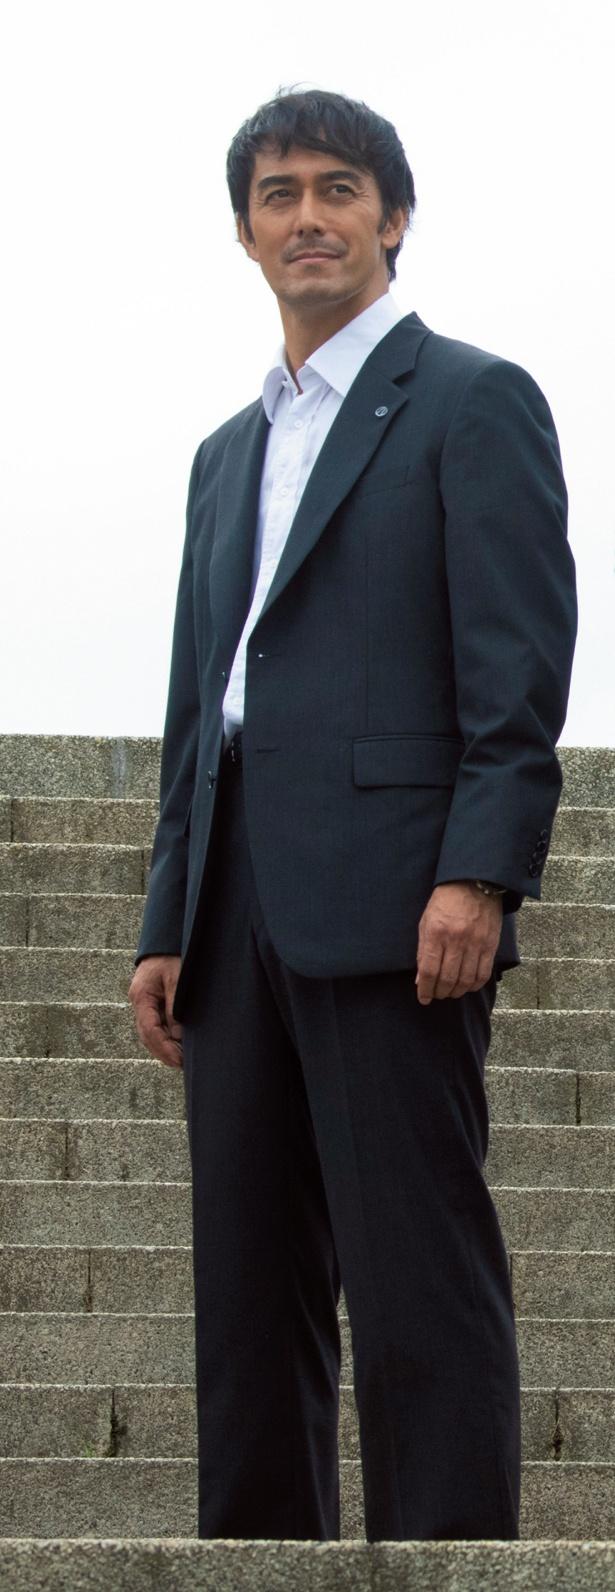 スーツのヨレ感が佃社長らしさを演出している「下町ロケット」